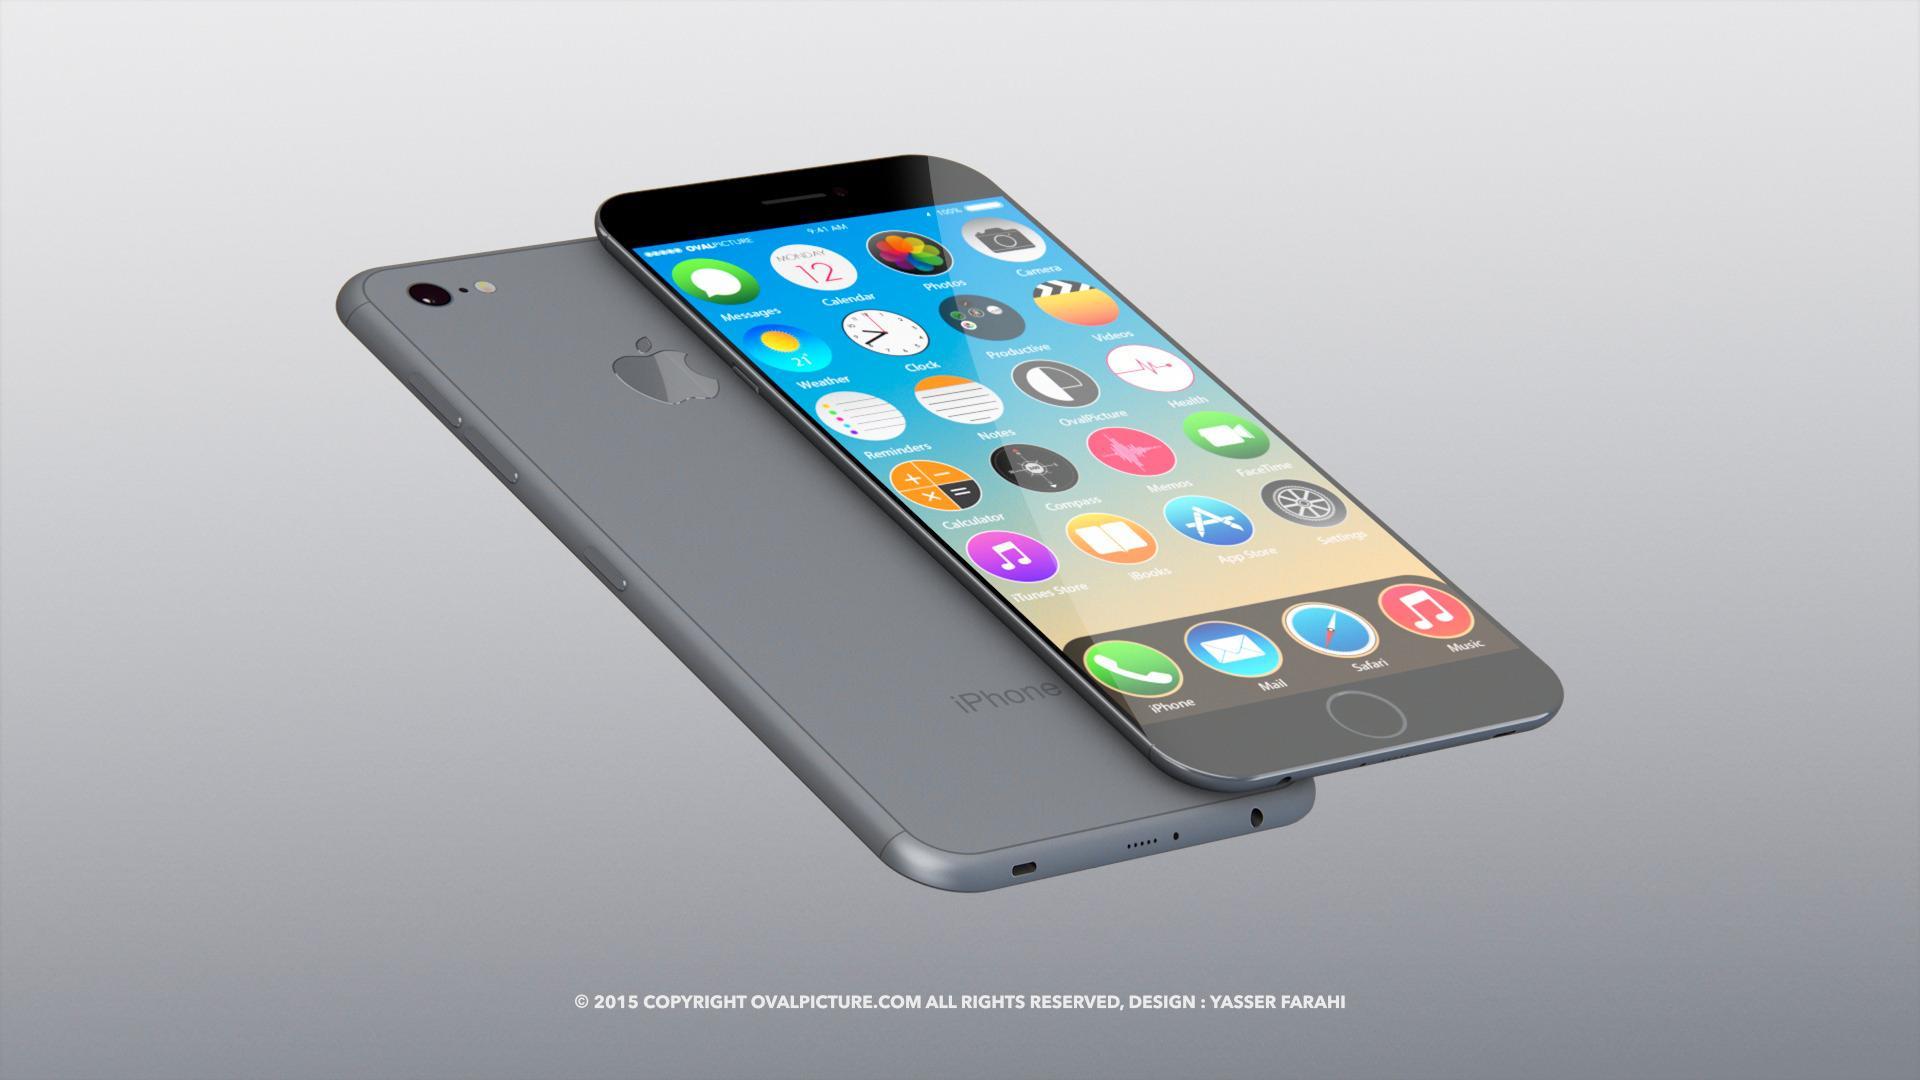 Blir iPhone 7 så tynn som på dette konseptet, er det godt mulig at hodetelefonkontakten må bøte med livet – eller bli forminsket, som på bildet.